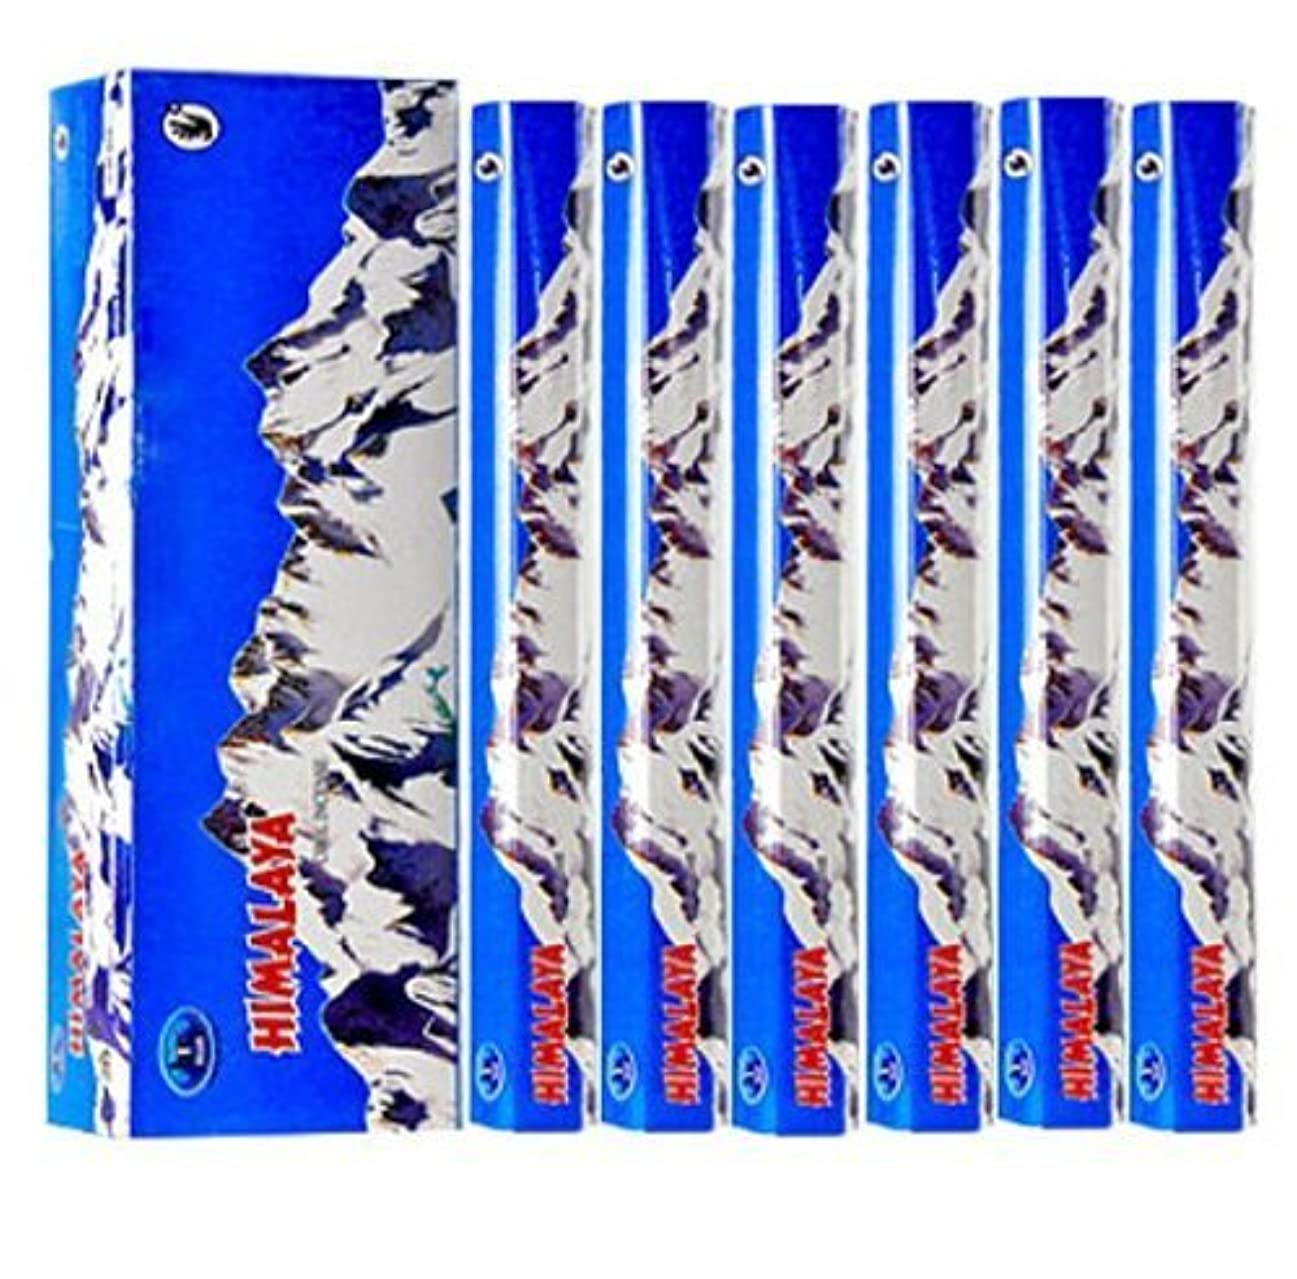 敬意入るピクニックをするHimalaya – 120 Sticksボックス – Bic Incense